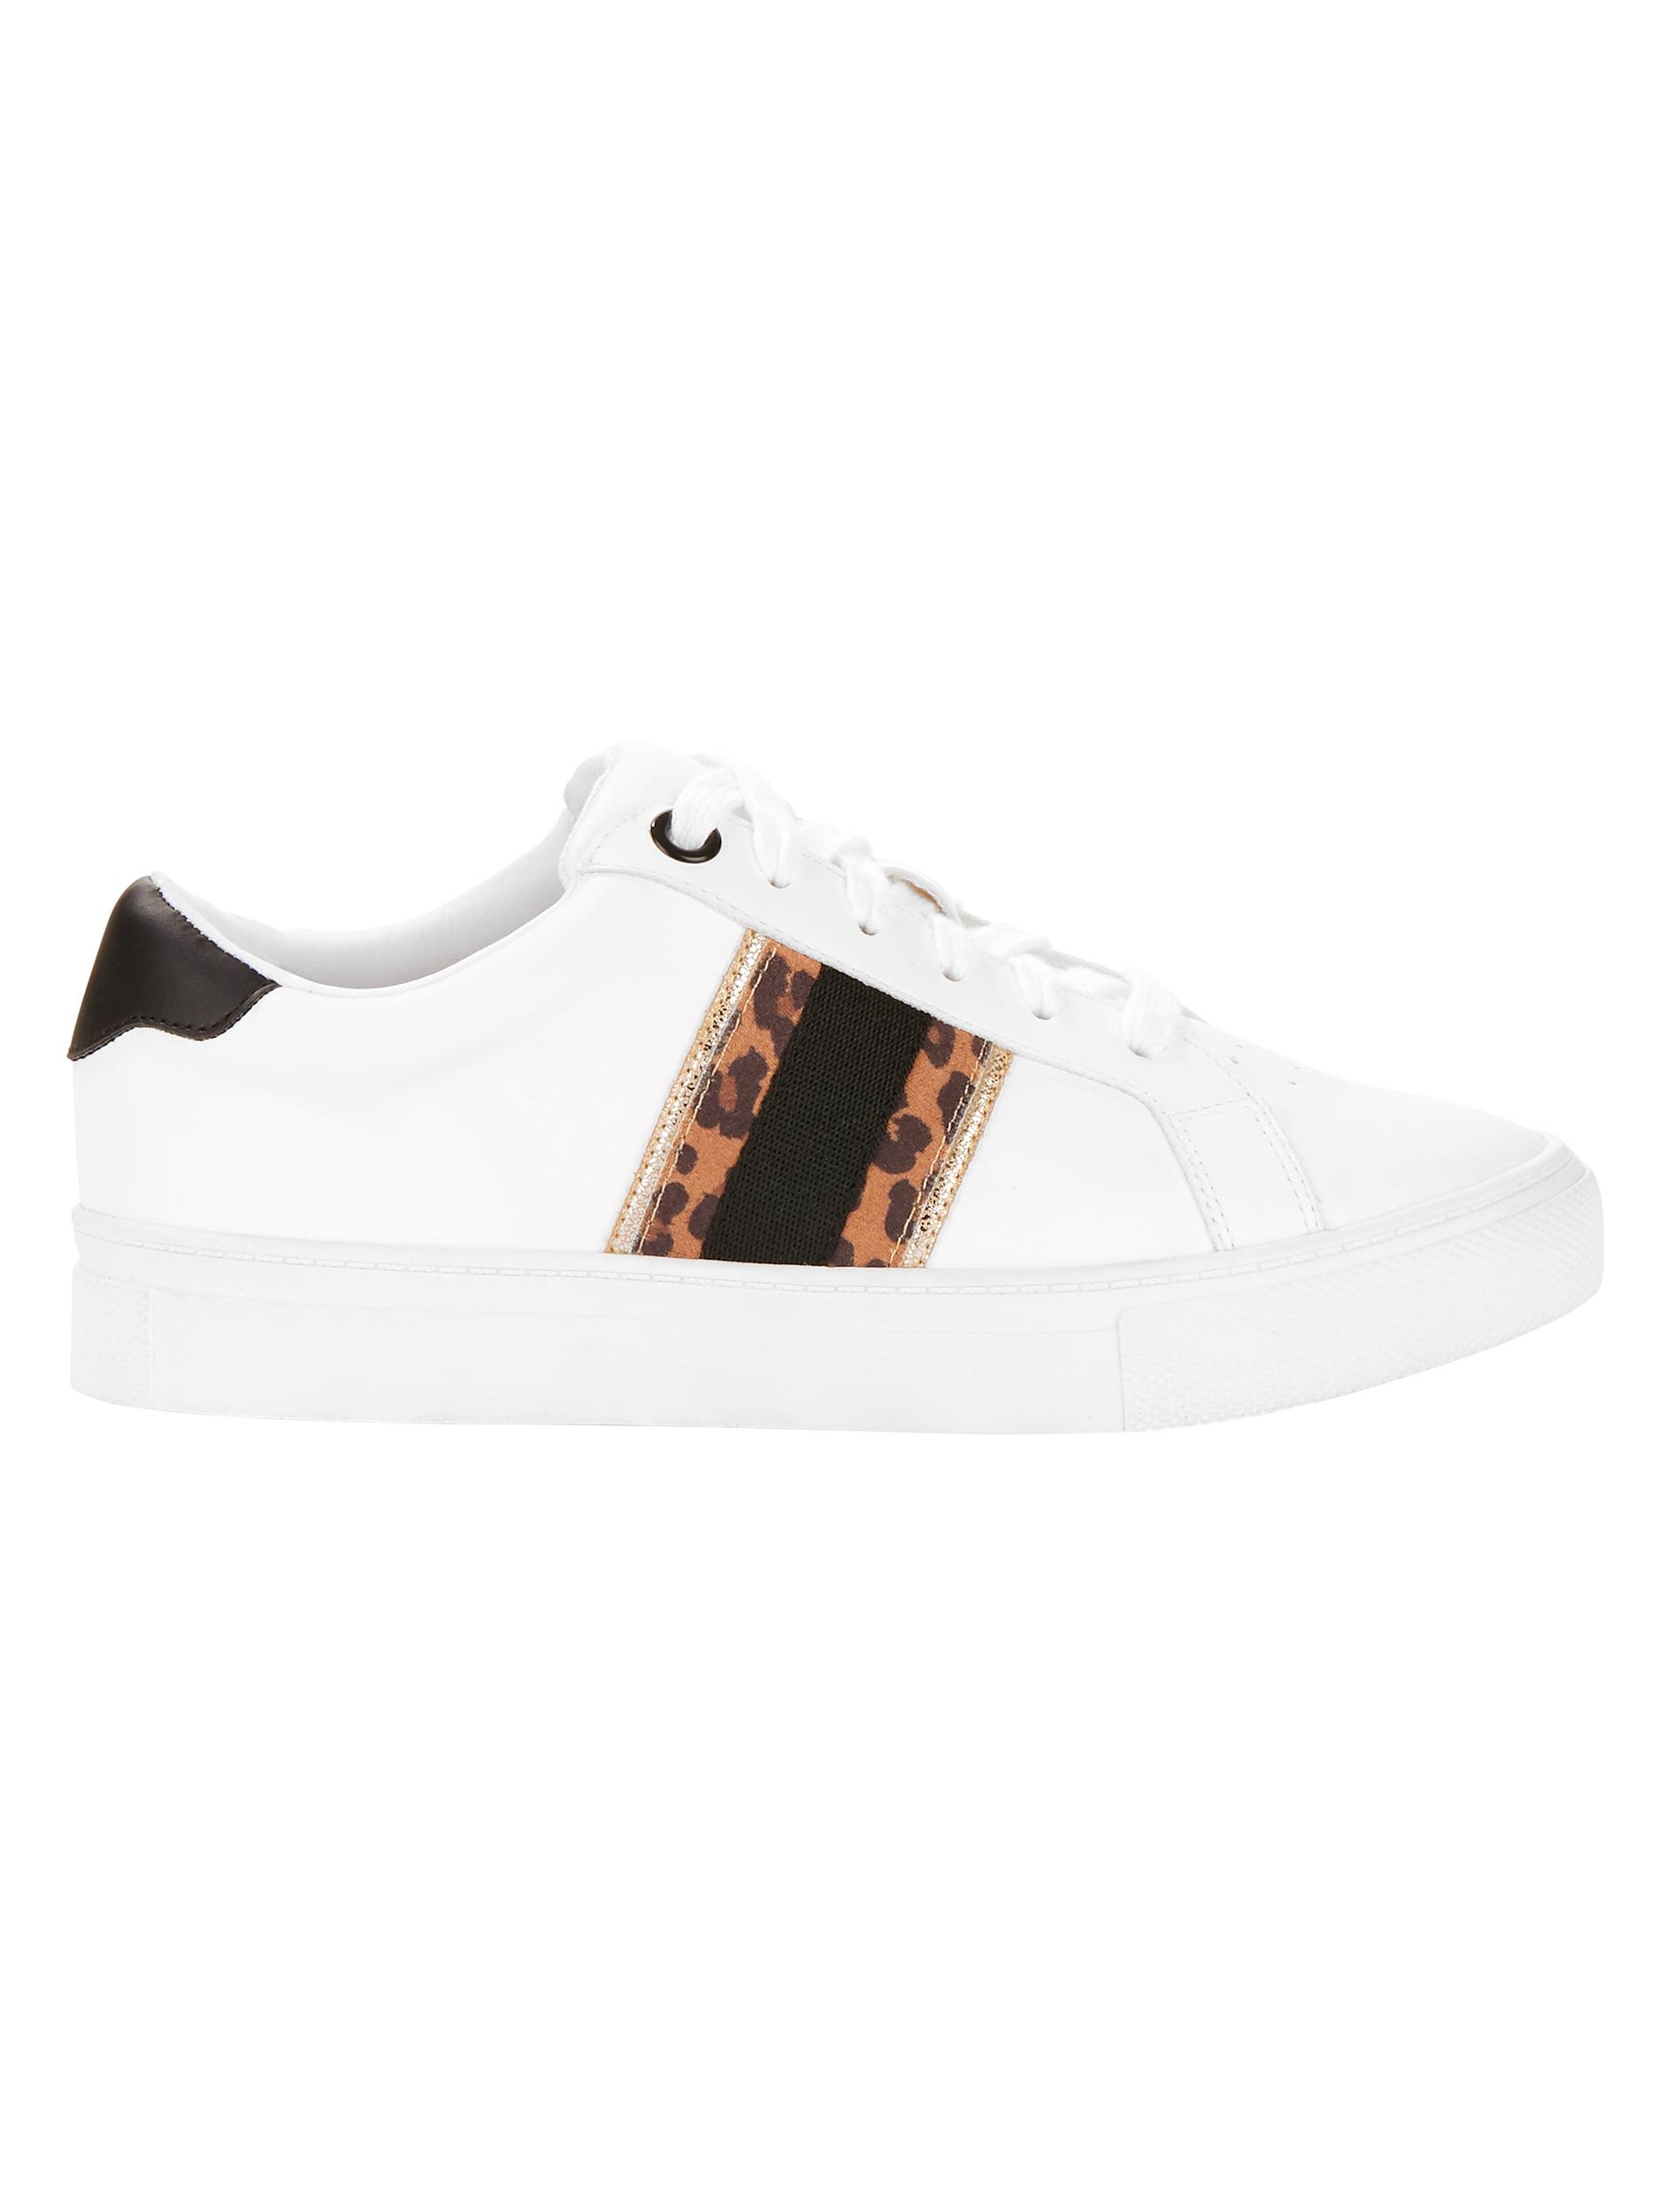 walmart leopard sneakers